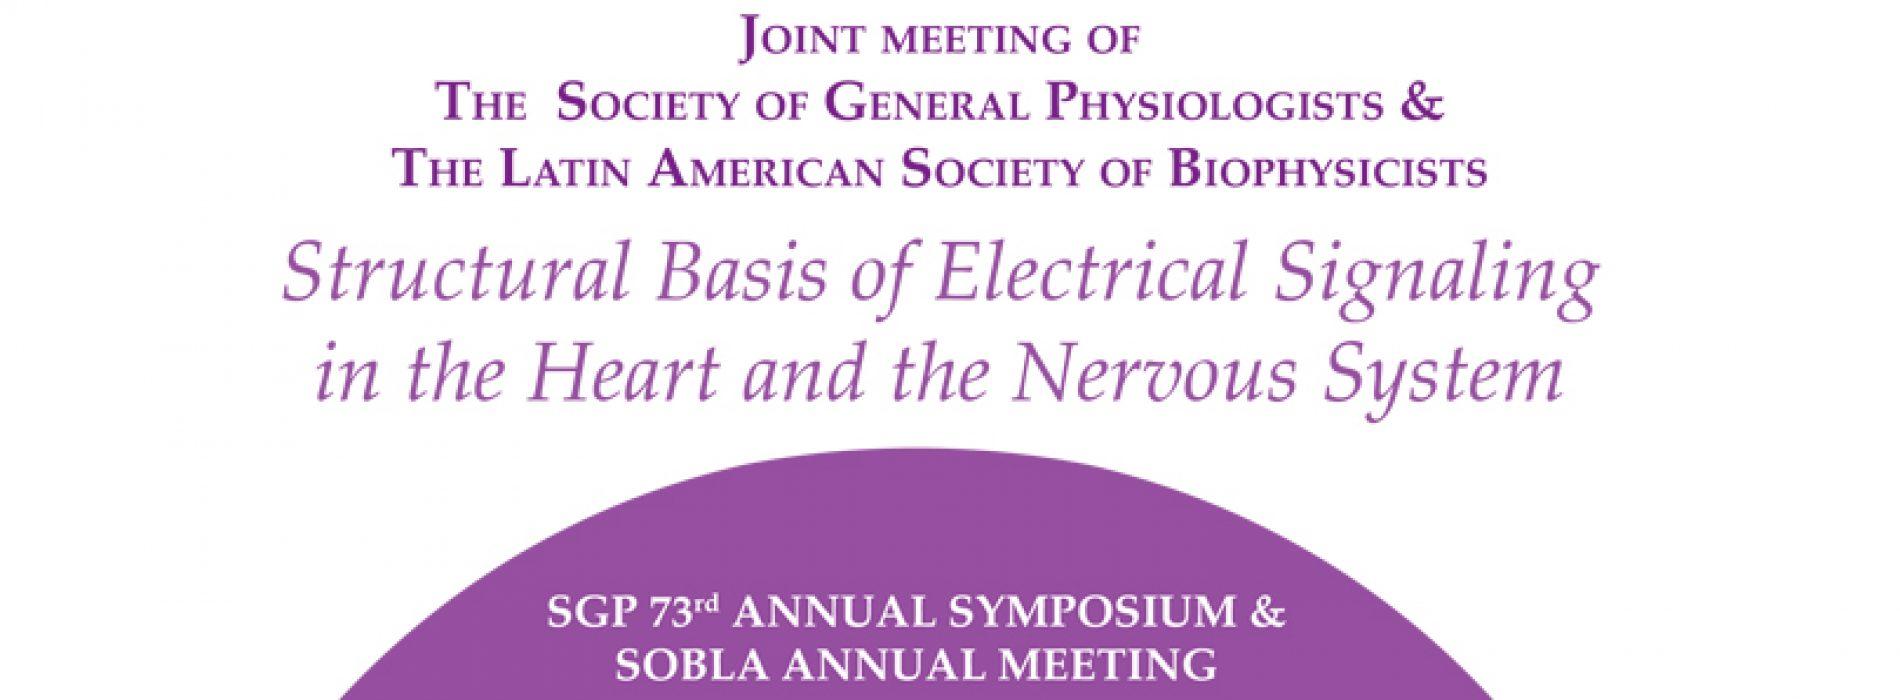 SGP 73rd Annual Symposium & Sobla Annual Meeting | Sociedad de